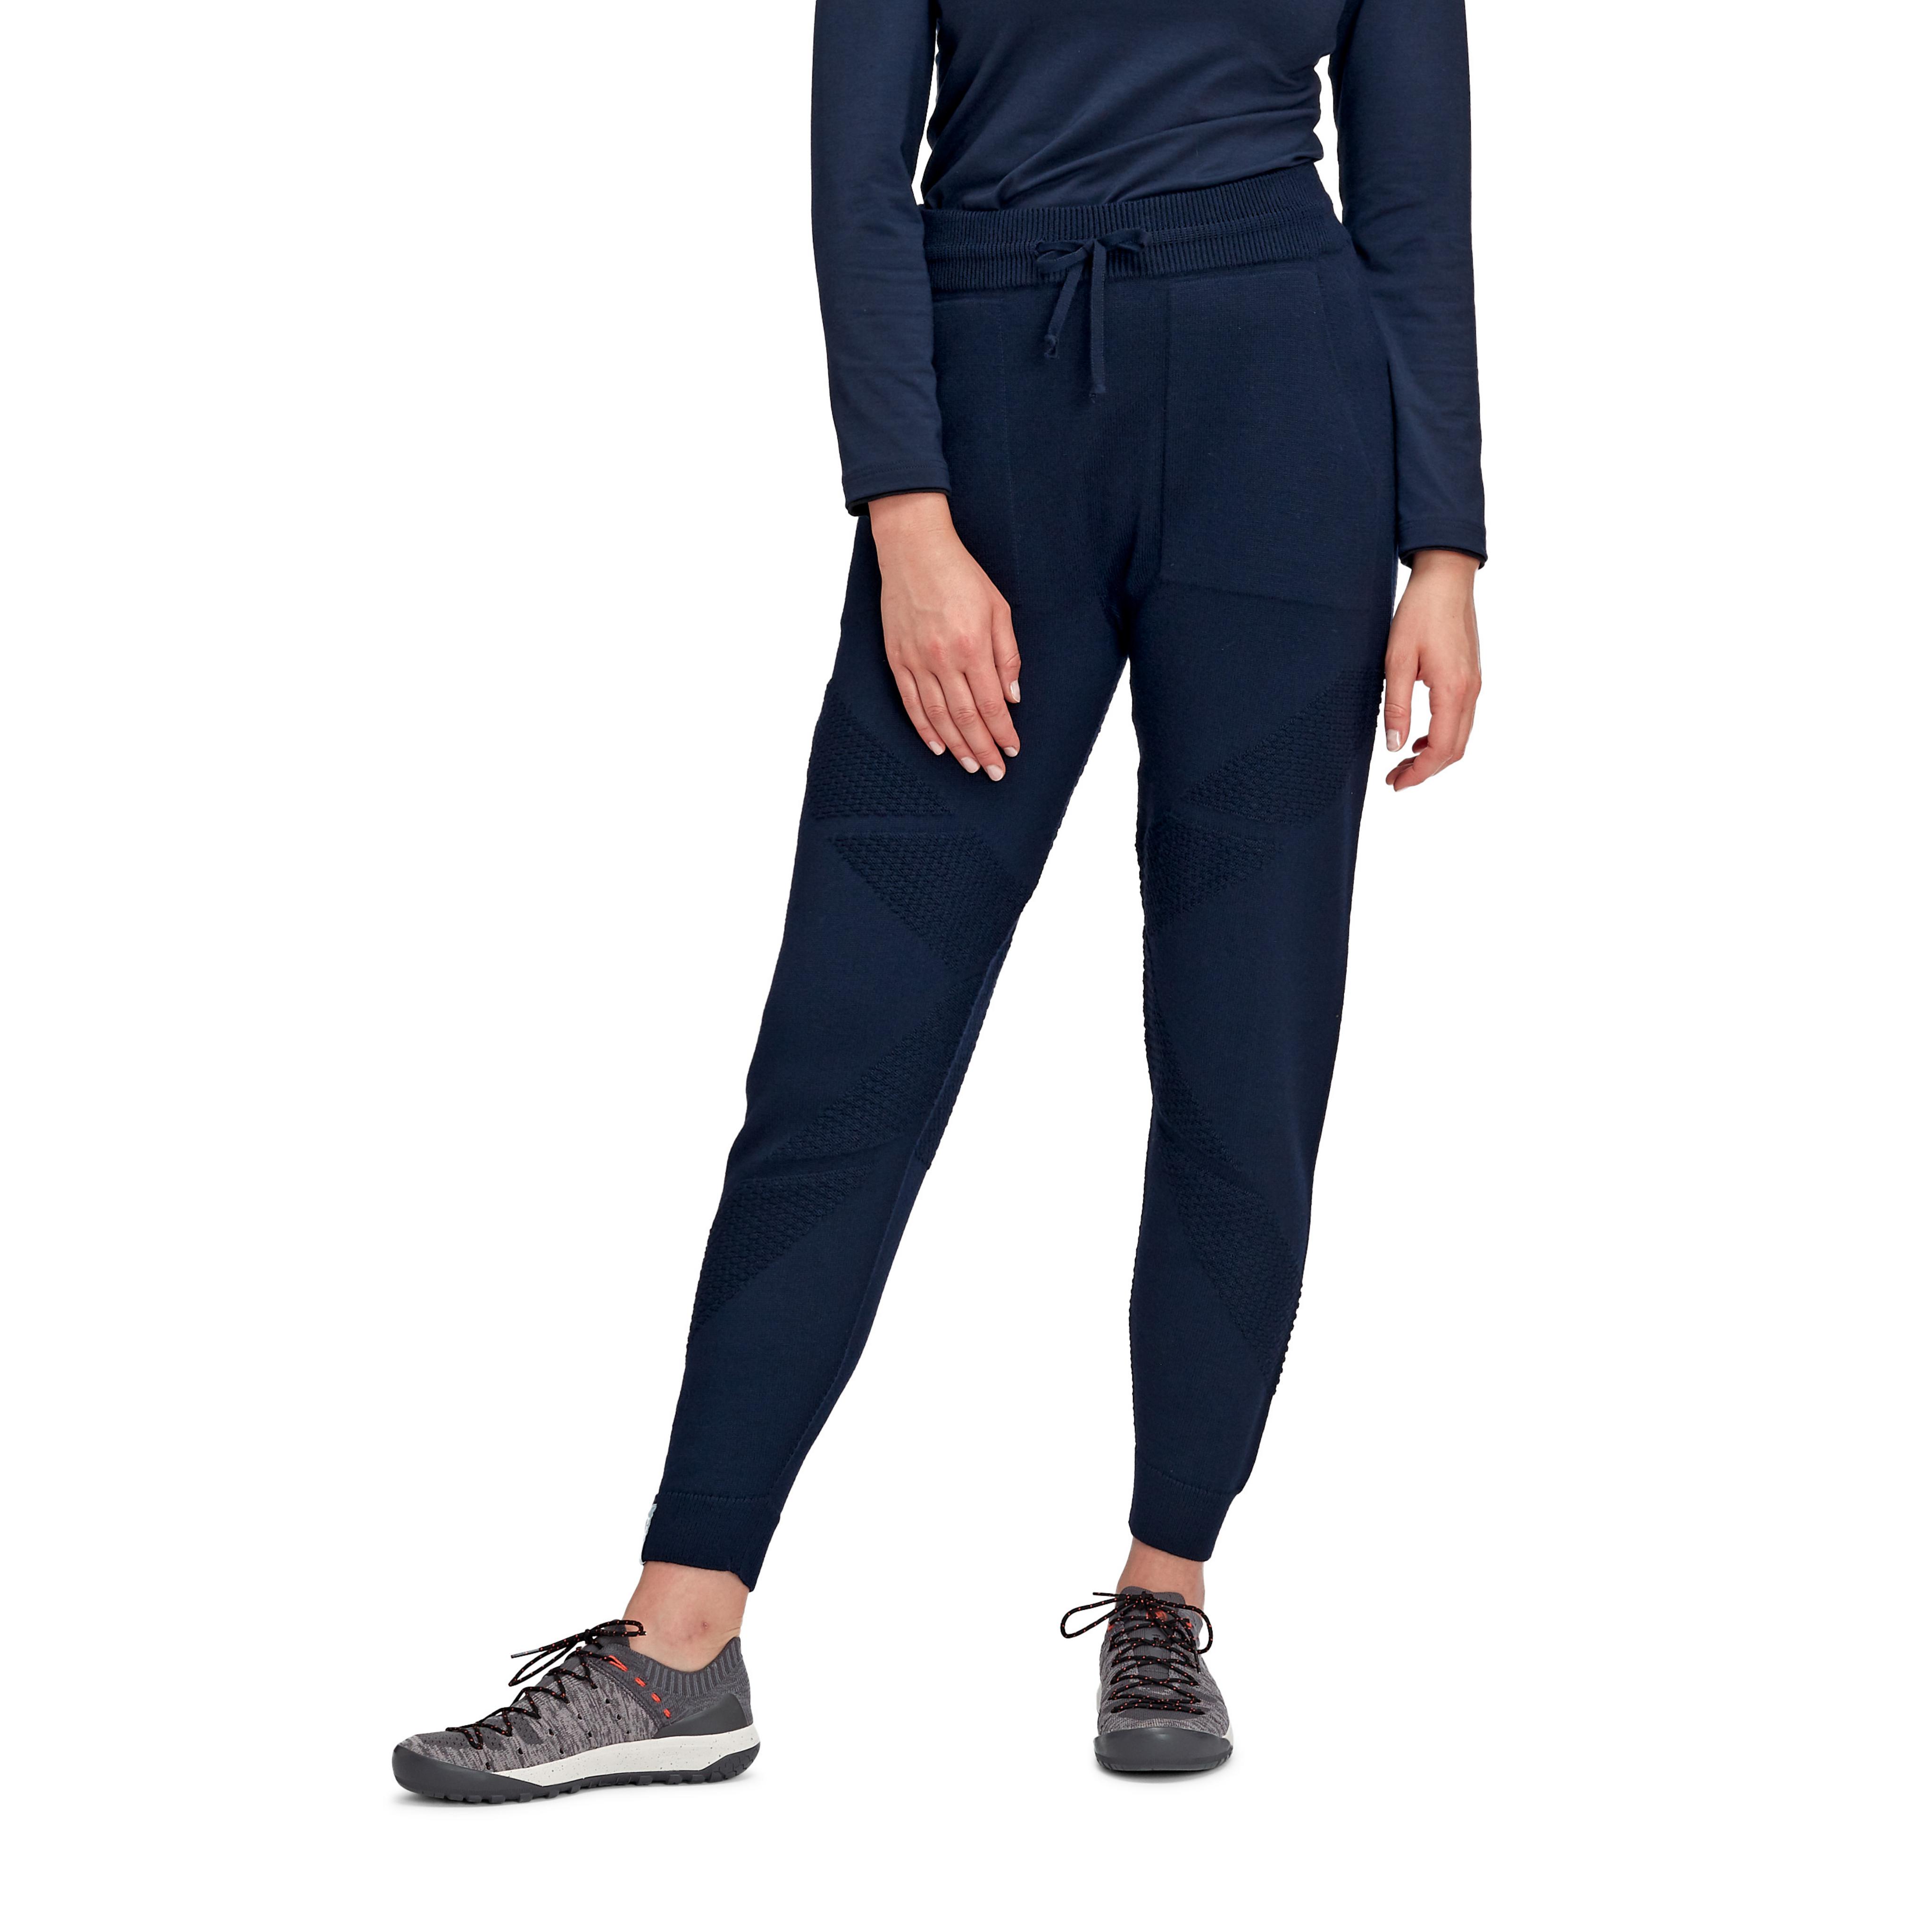 Zuerich Pants product image